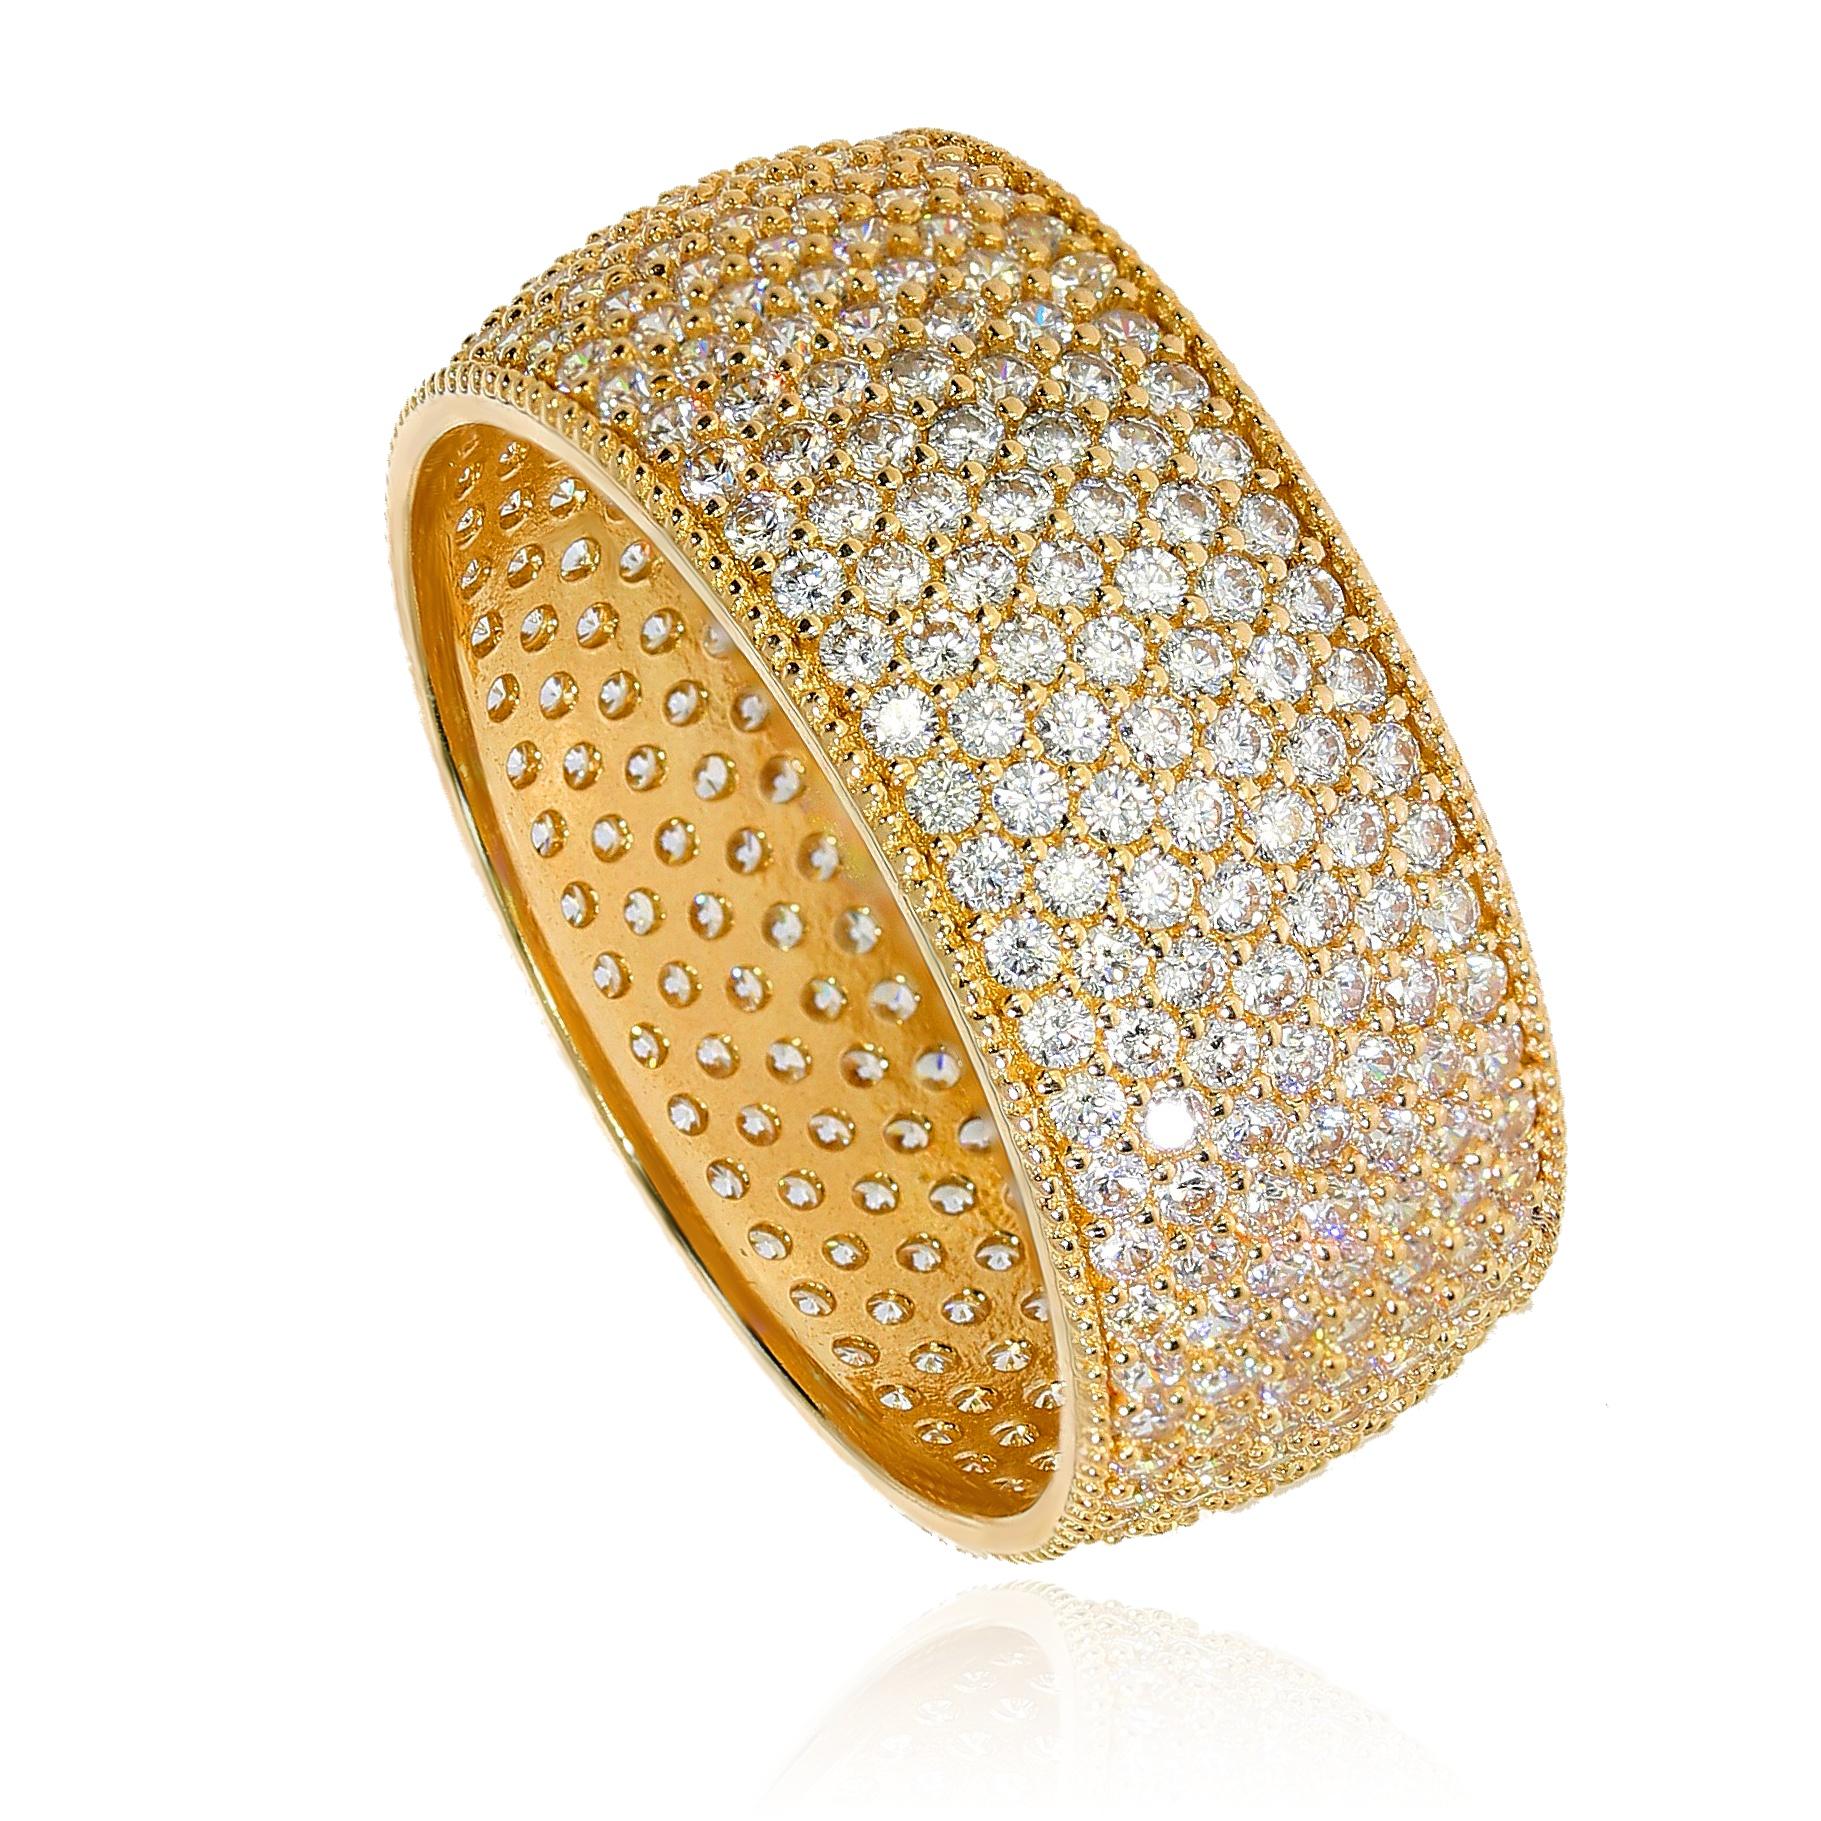 cf28a8a577f242 Niespotykany szeroki pierścionek obrączkowy | Leo Diamonds ...